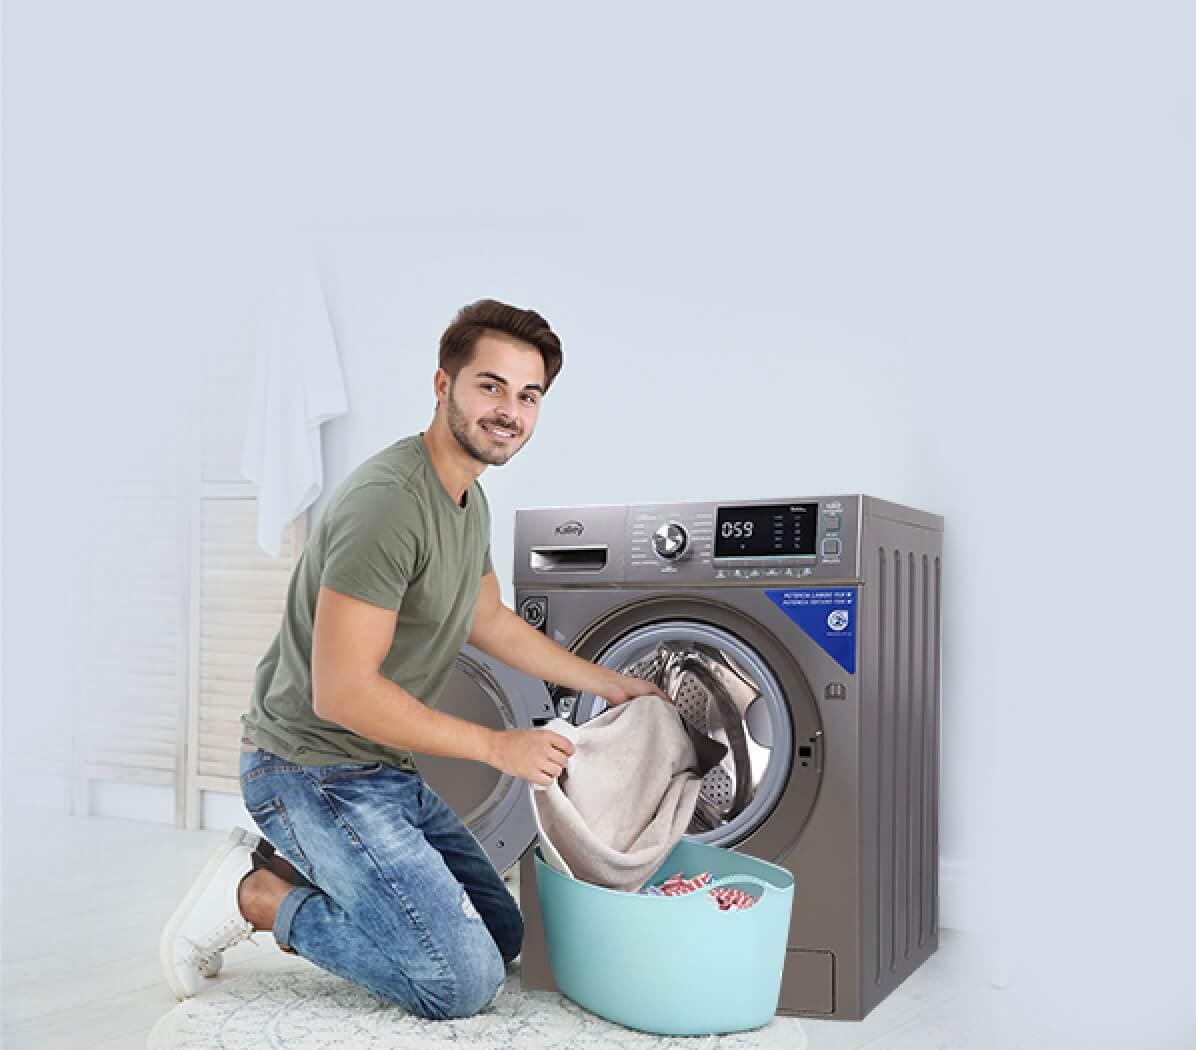 Aspiradorando en casa con la lavadora Kalley